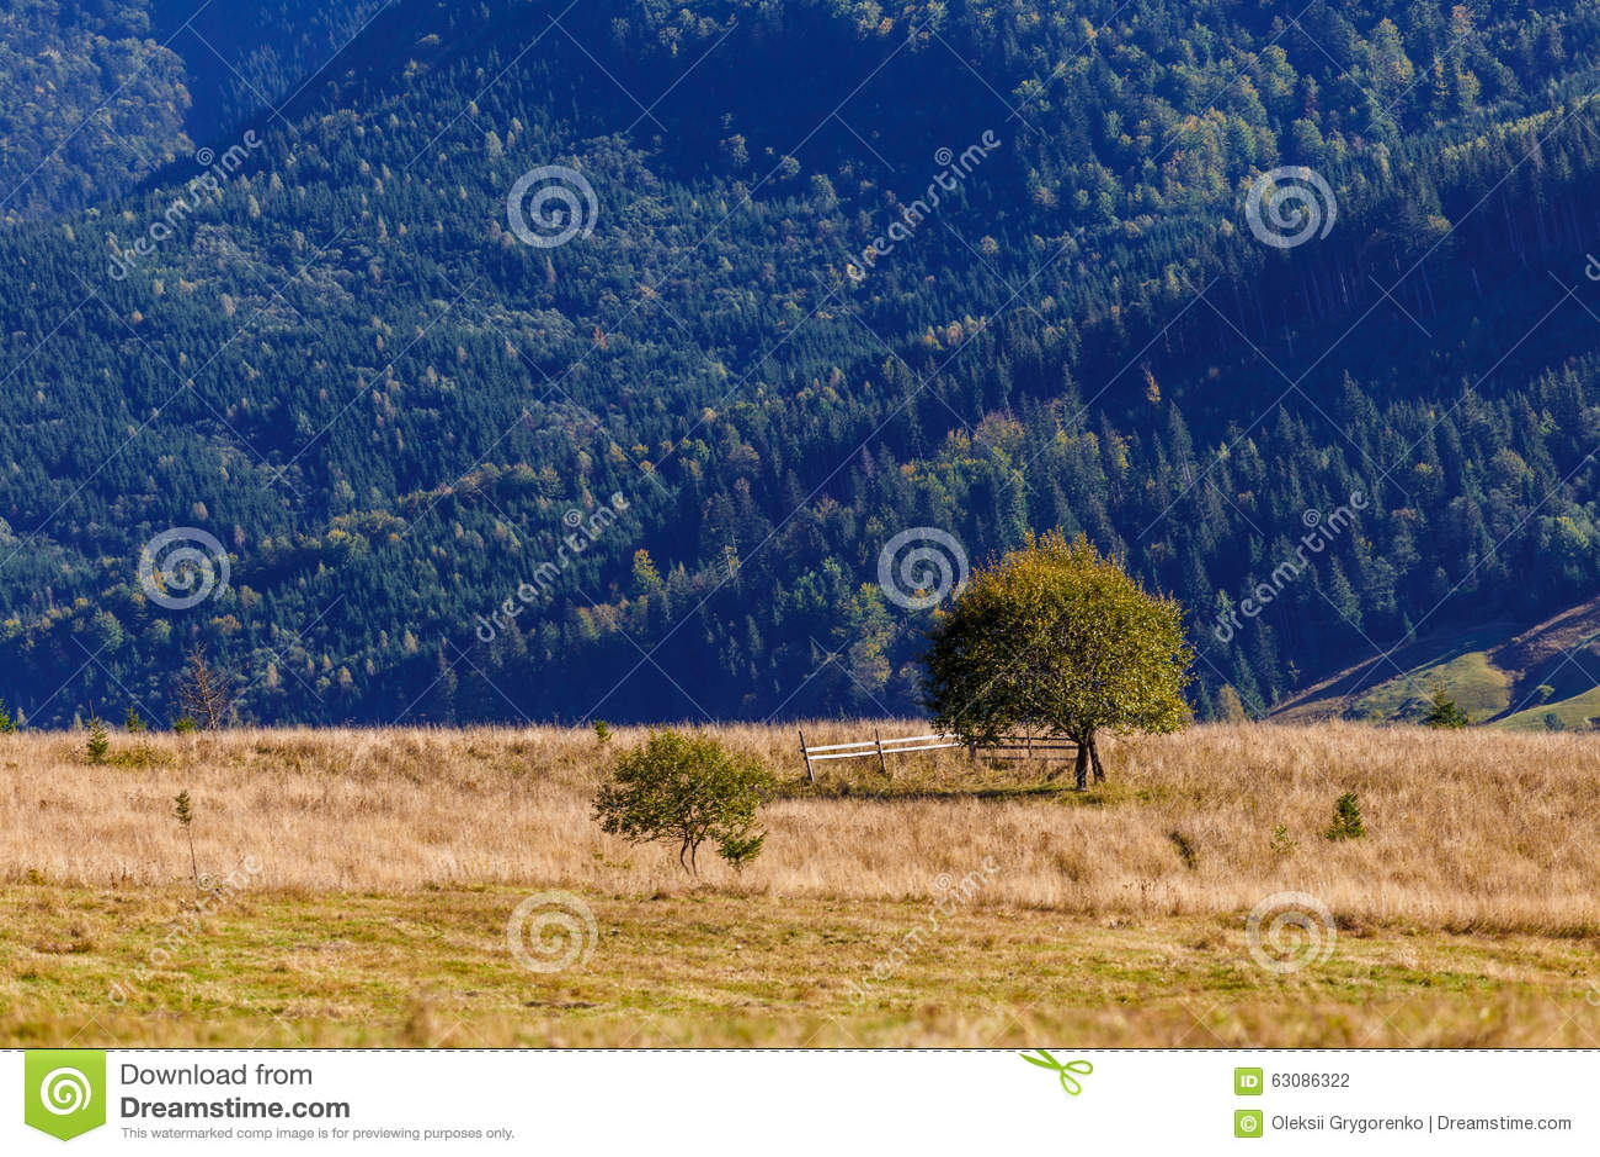 Download Seul Arbre Sur Le Fond En Bois Bleu Photo stock - Image du forêt, couleur: 63086322